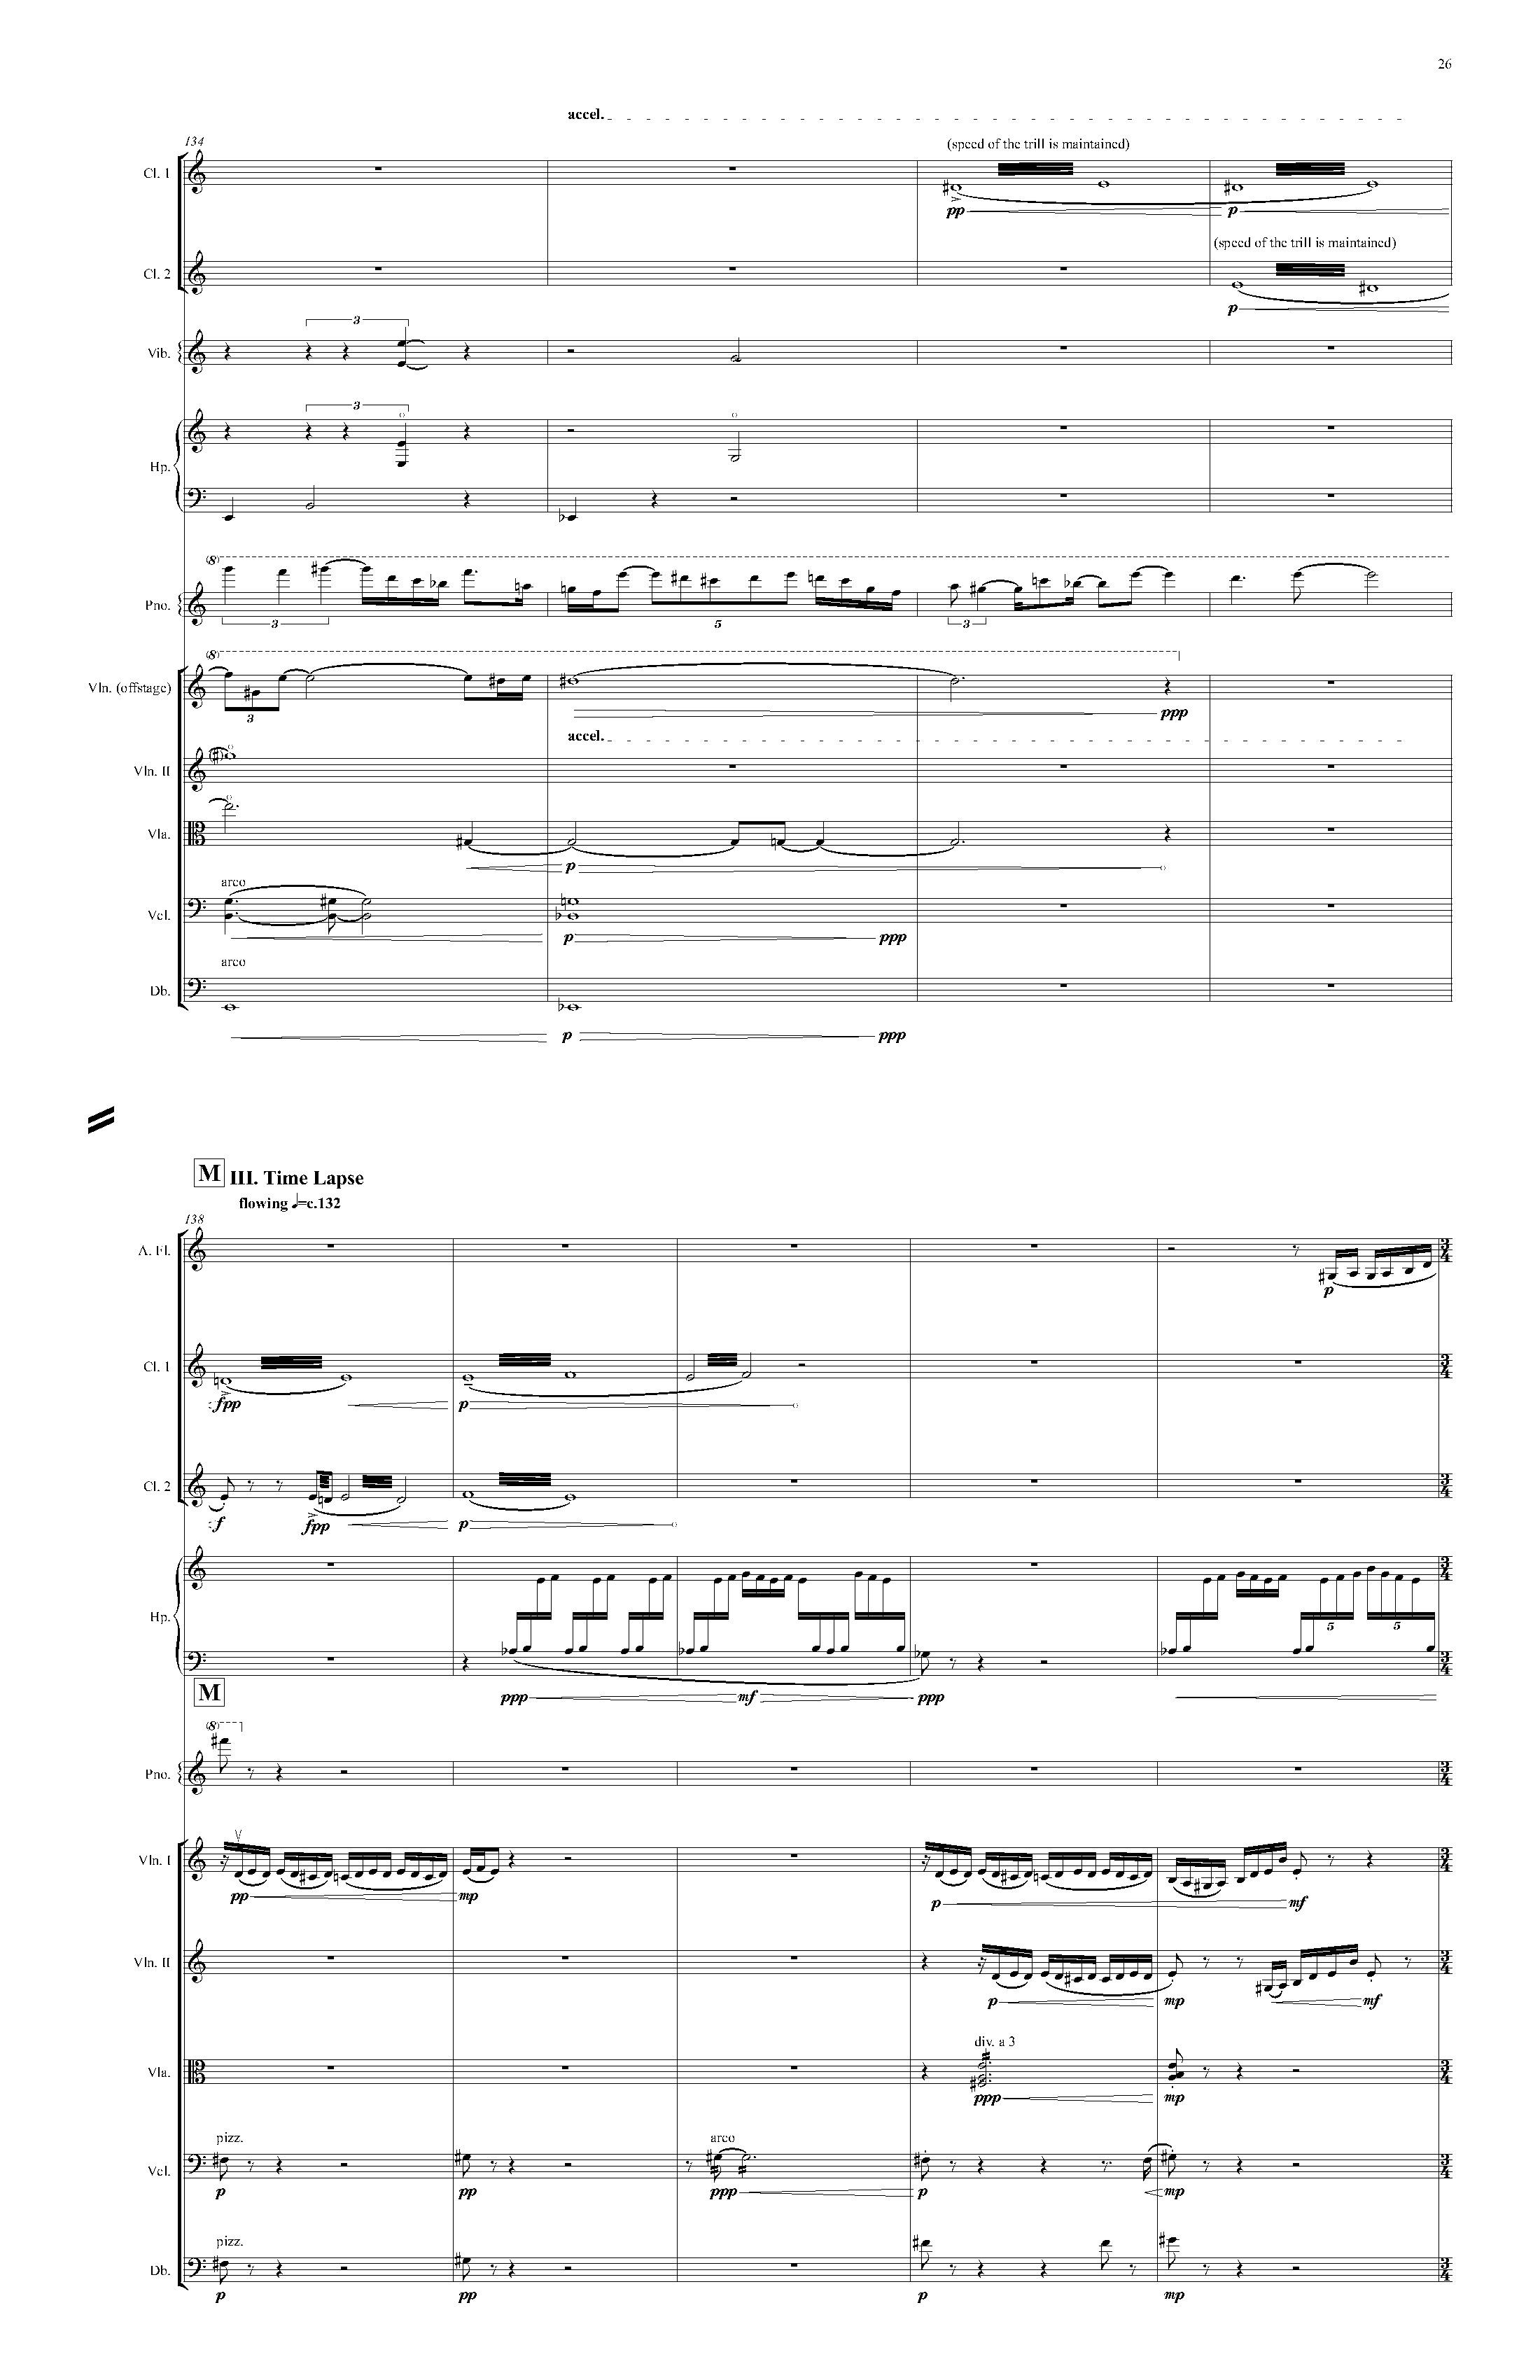 Kolmanskop 4-4-17 score - Full Score_Seite_29.jpg